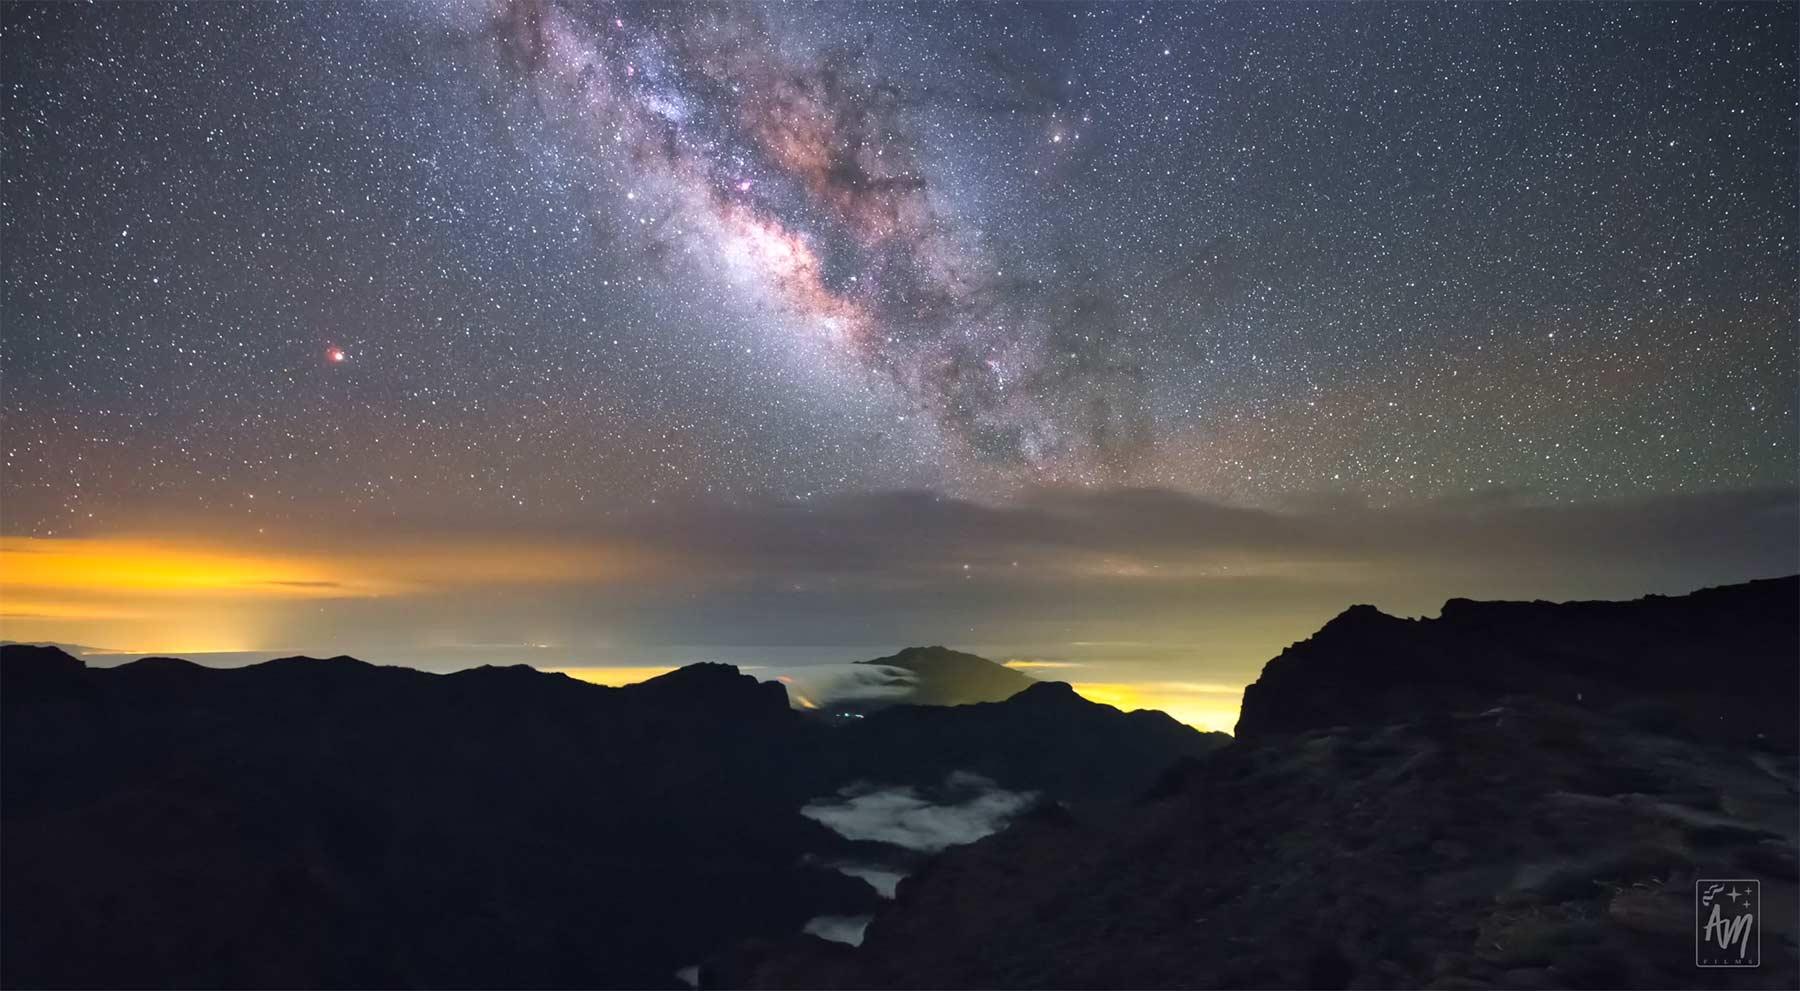 Wolkenteppiche und Sternenhimmel